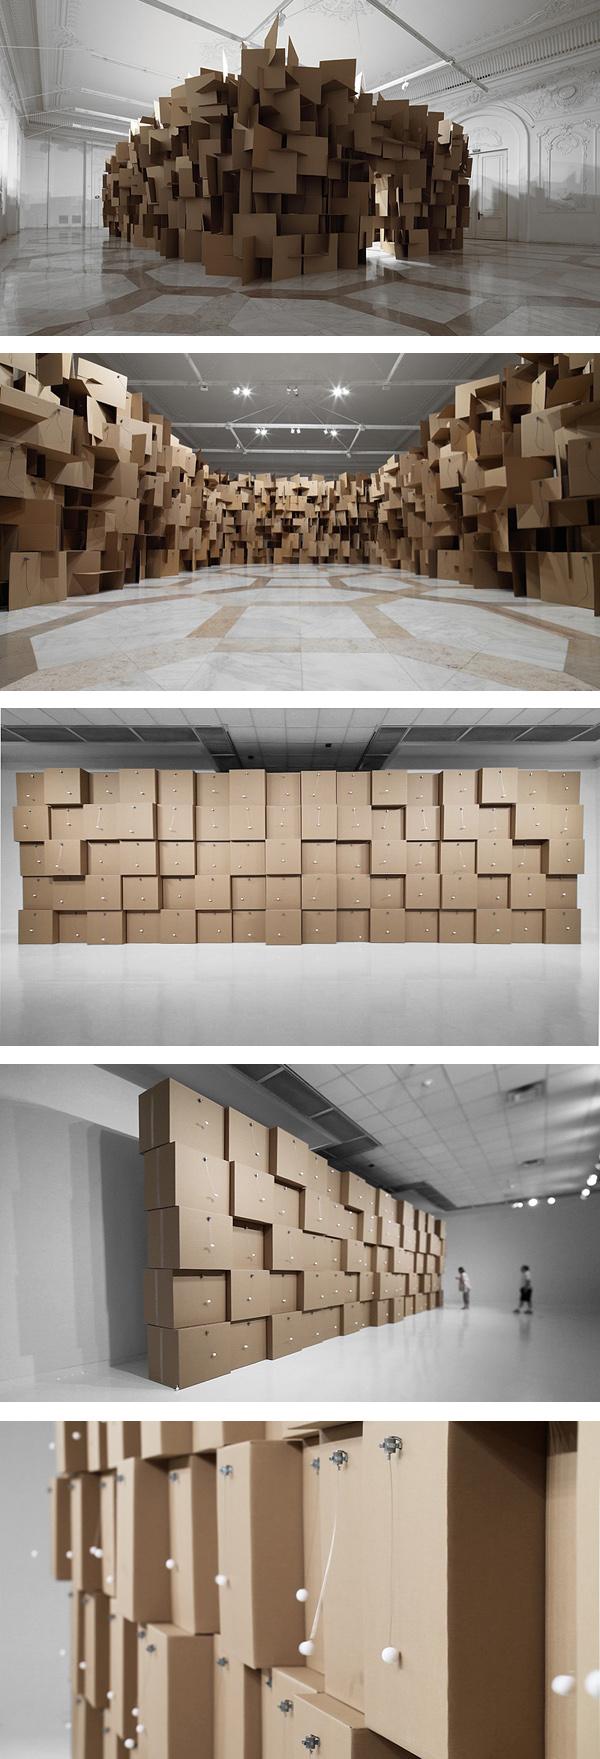 ZIMOUN: Arquitecturas acústicas